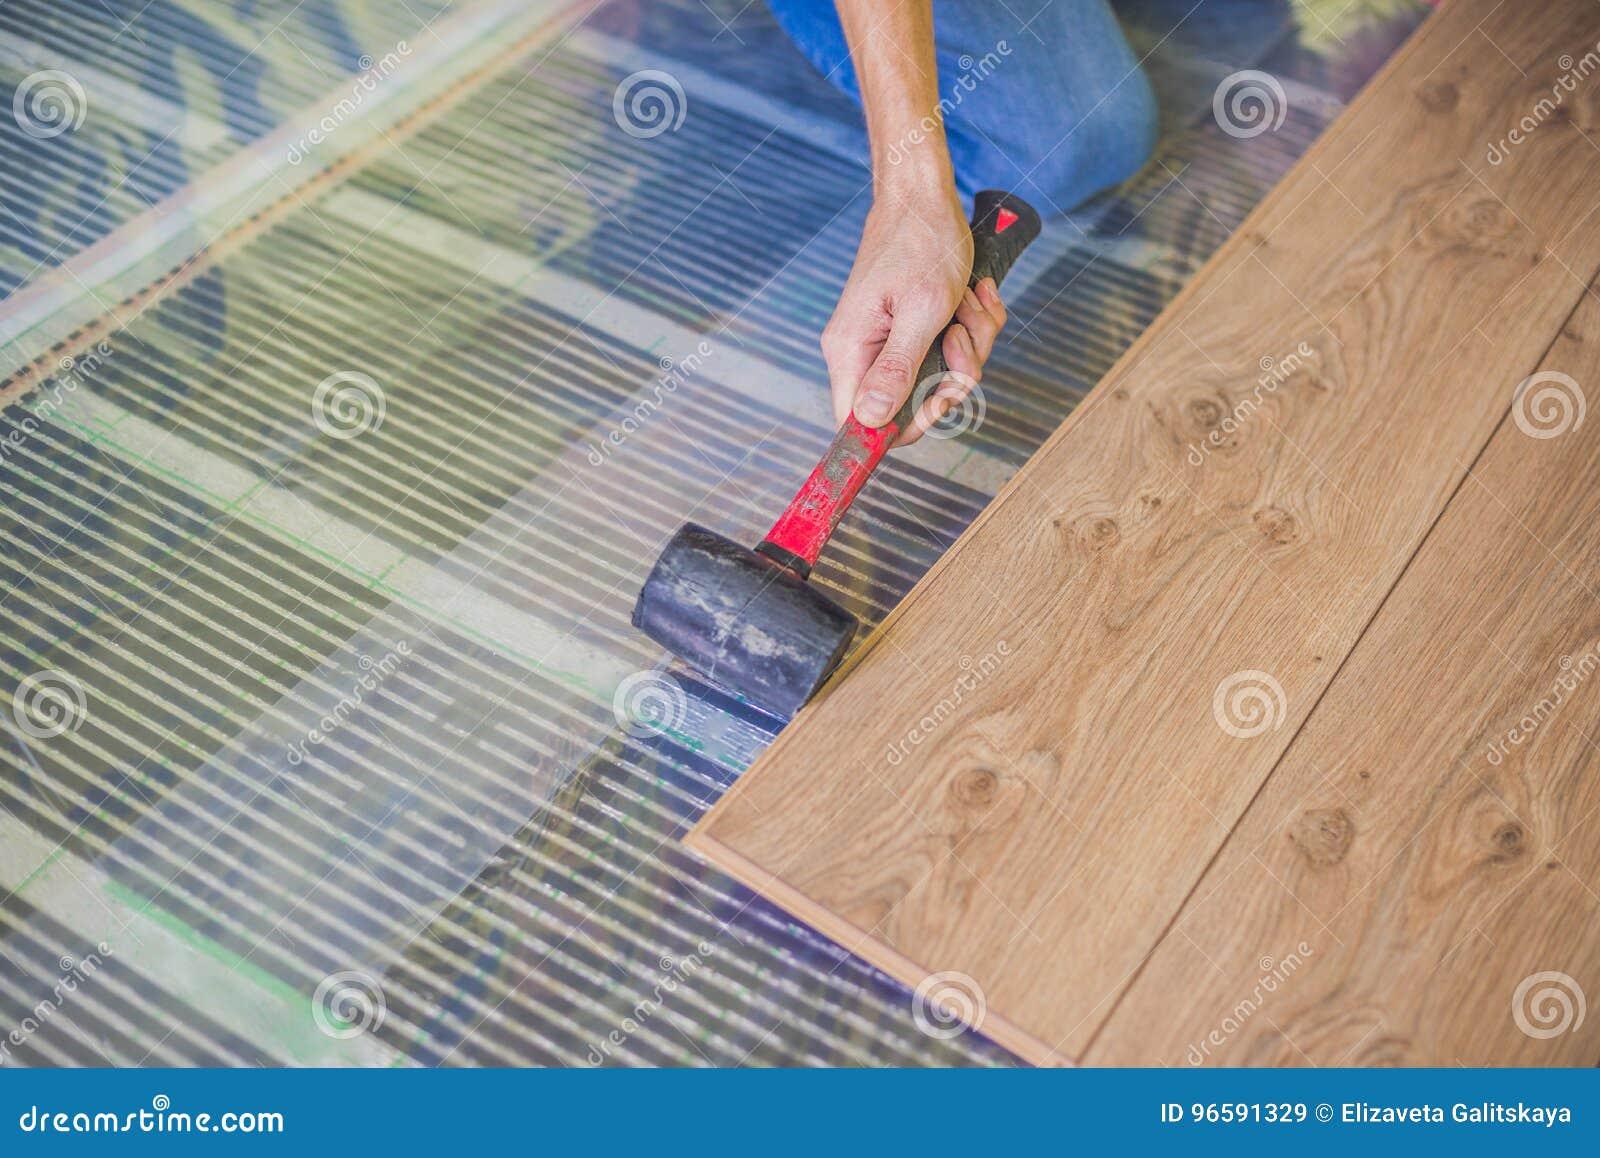 Man som installerar den nya trälaminatdurken infrarött golvuppvärmningsystem under laminatgolv